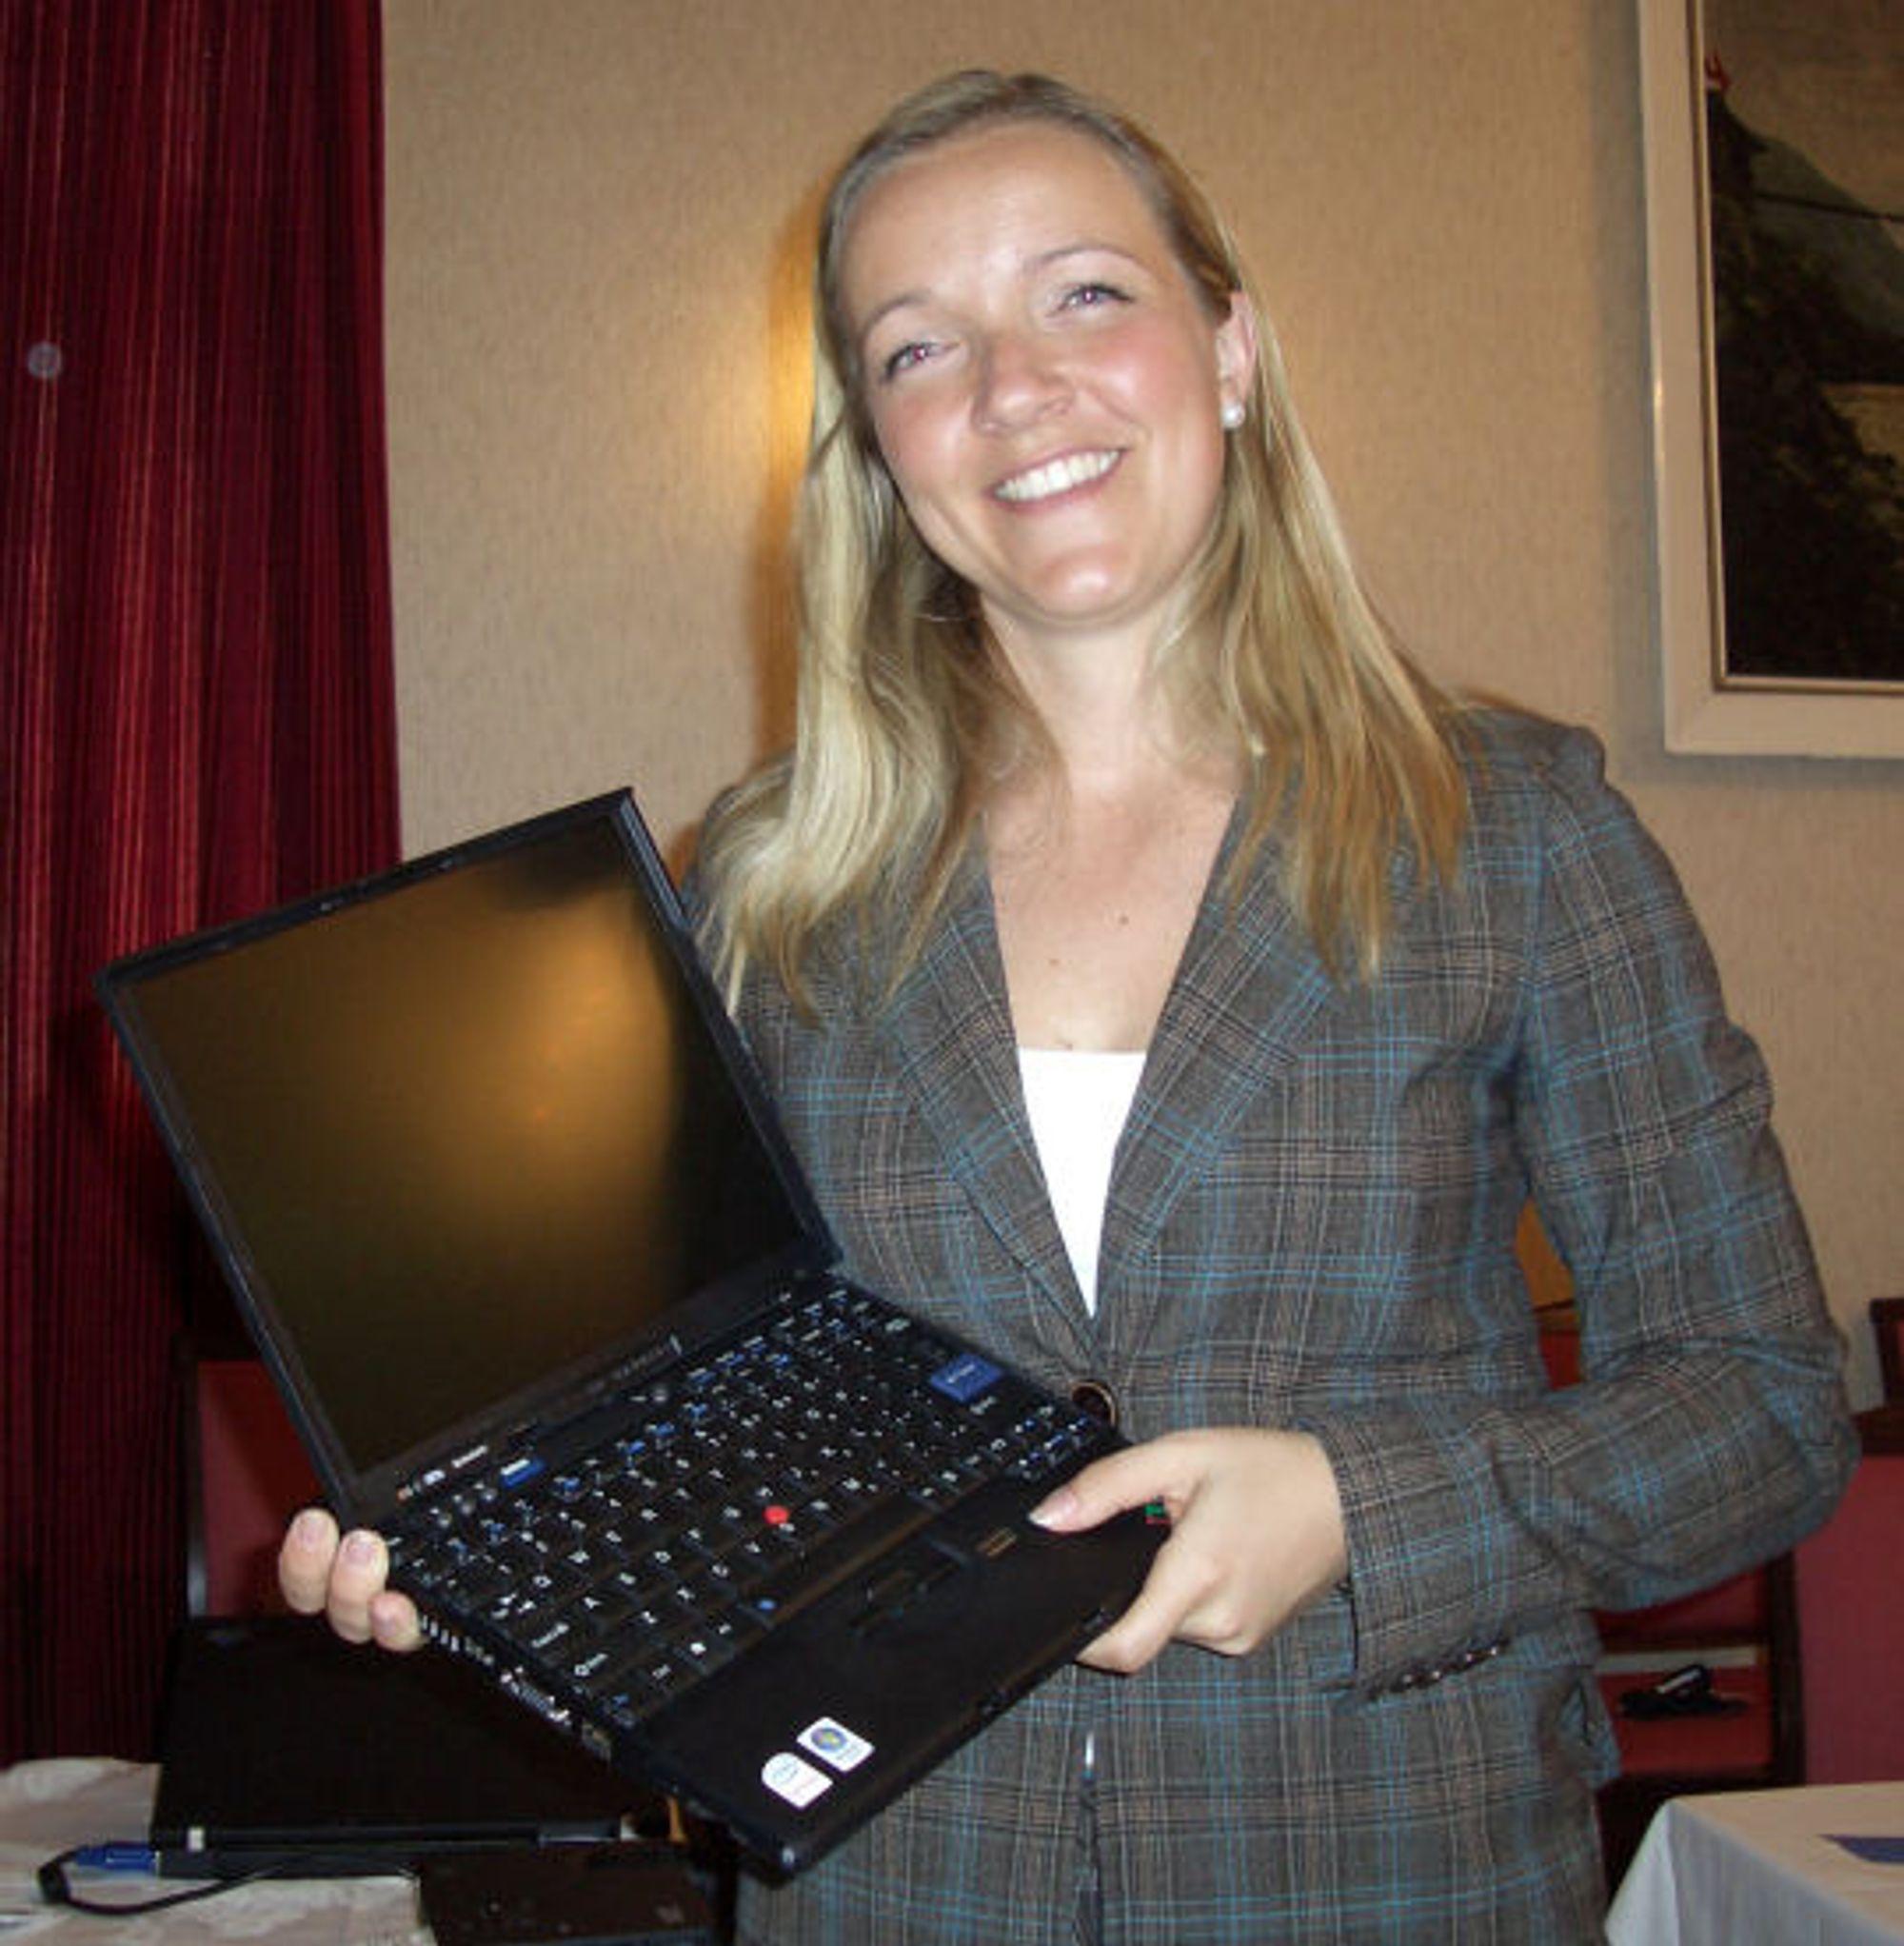 En fornøyd Linda Fjøre, Brand Manager for Lenovo viser frem Thinkpad X61